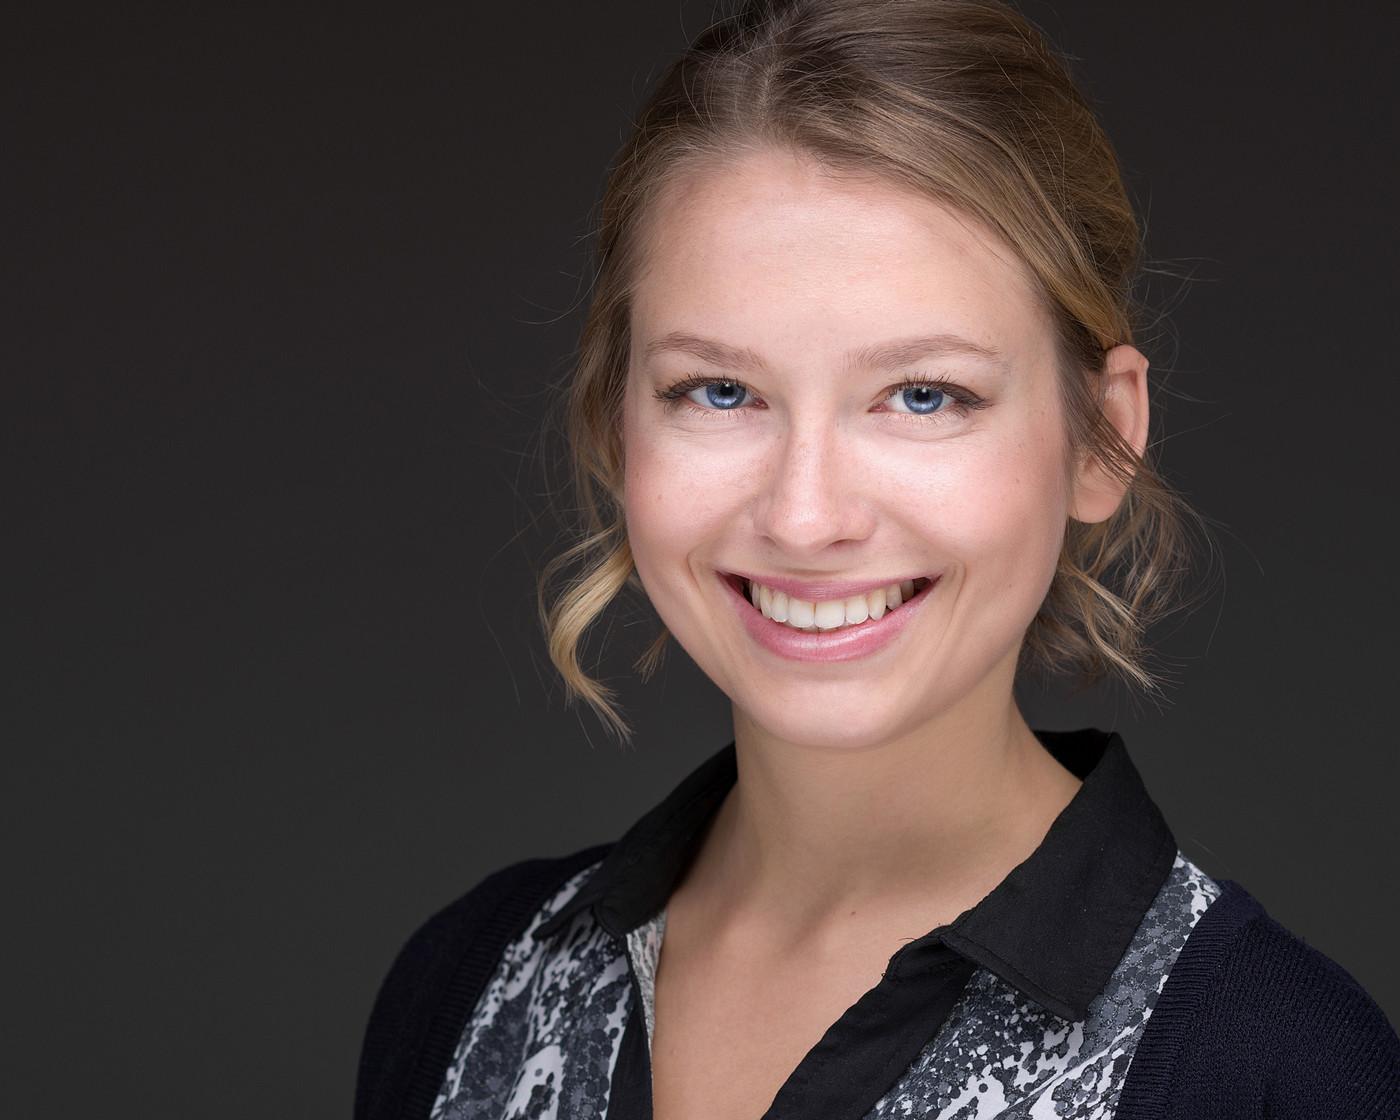 Was ist ein professionelles Bewerbungsfoto Headshot Portrait? Hier ein Bewerbungsbild Sedcardfoto einer Frau